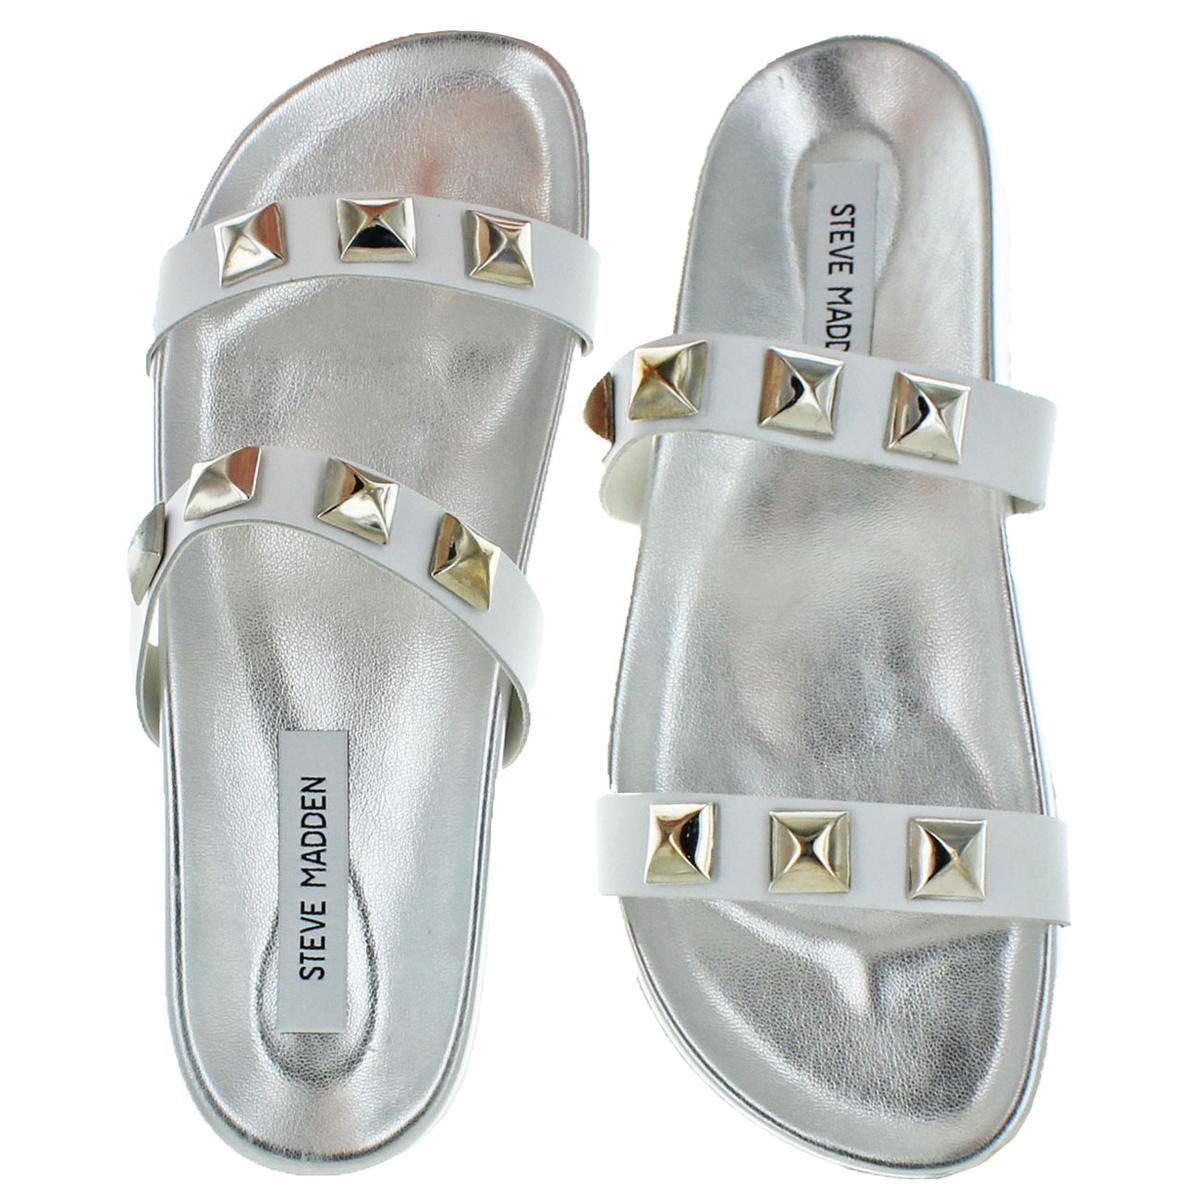 Steve-Madden-Women-039-s-Yield-Leather-Studded-Flat-Slide-Sandals thumbnail 7